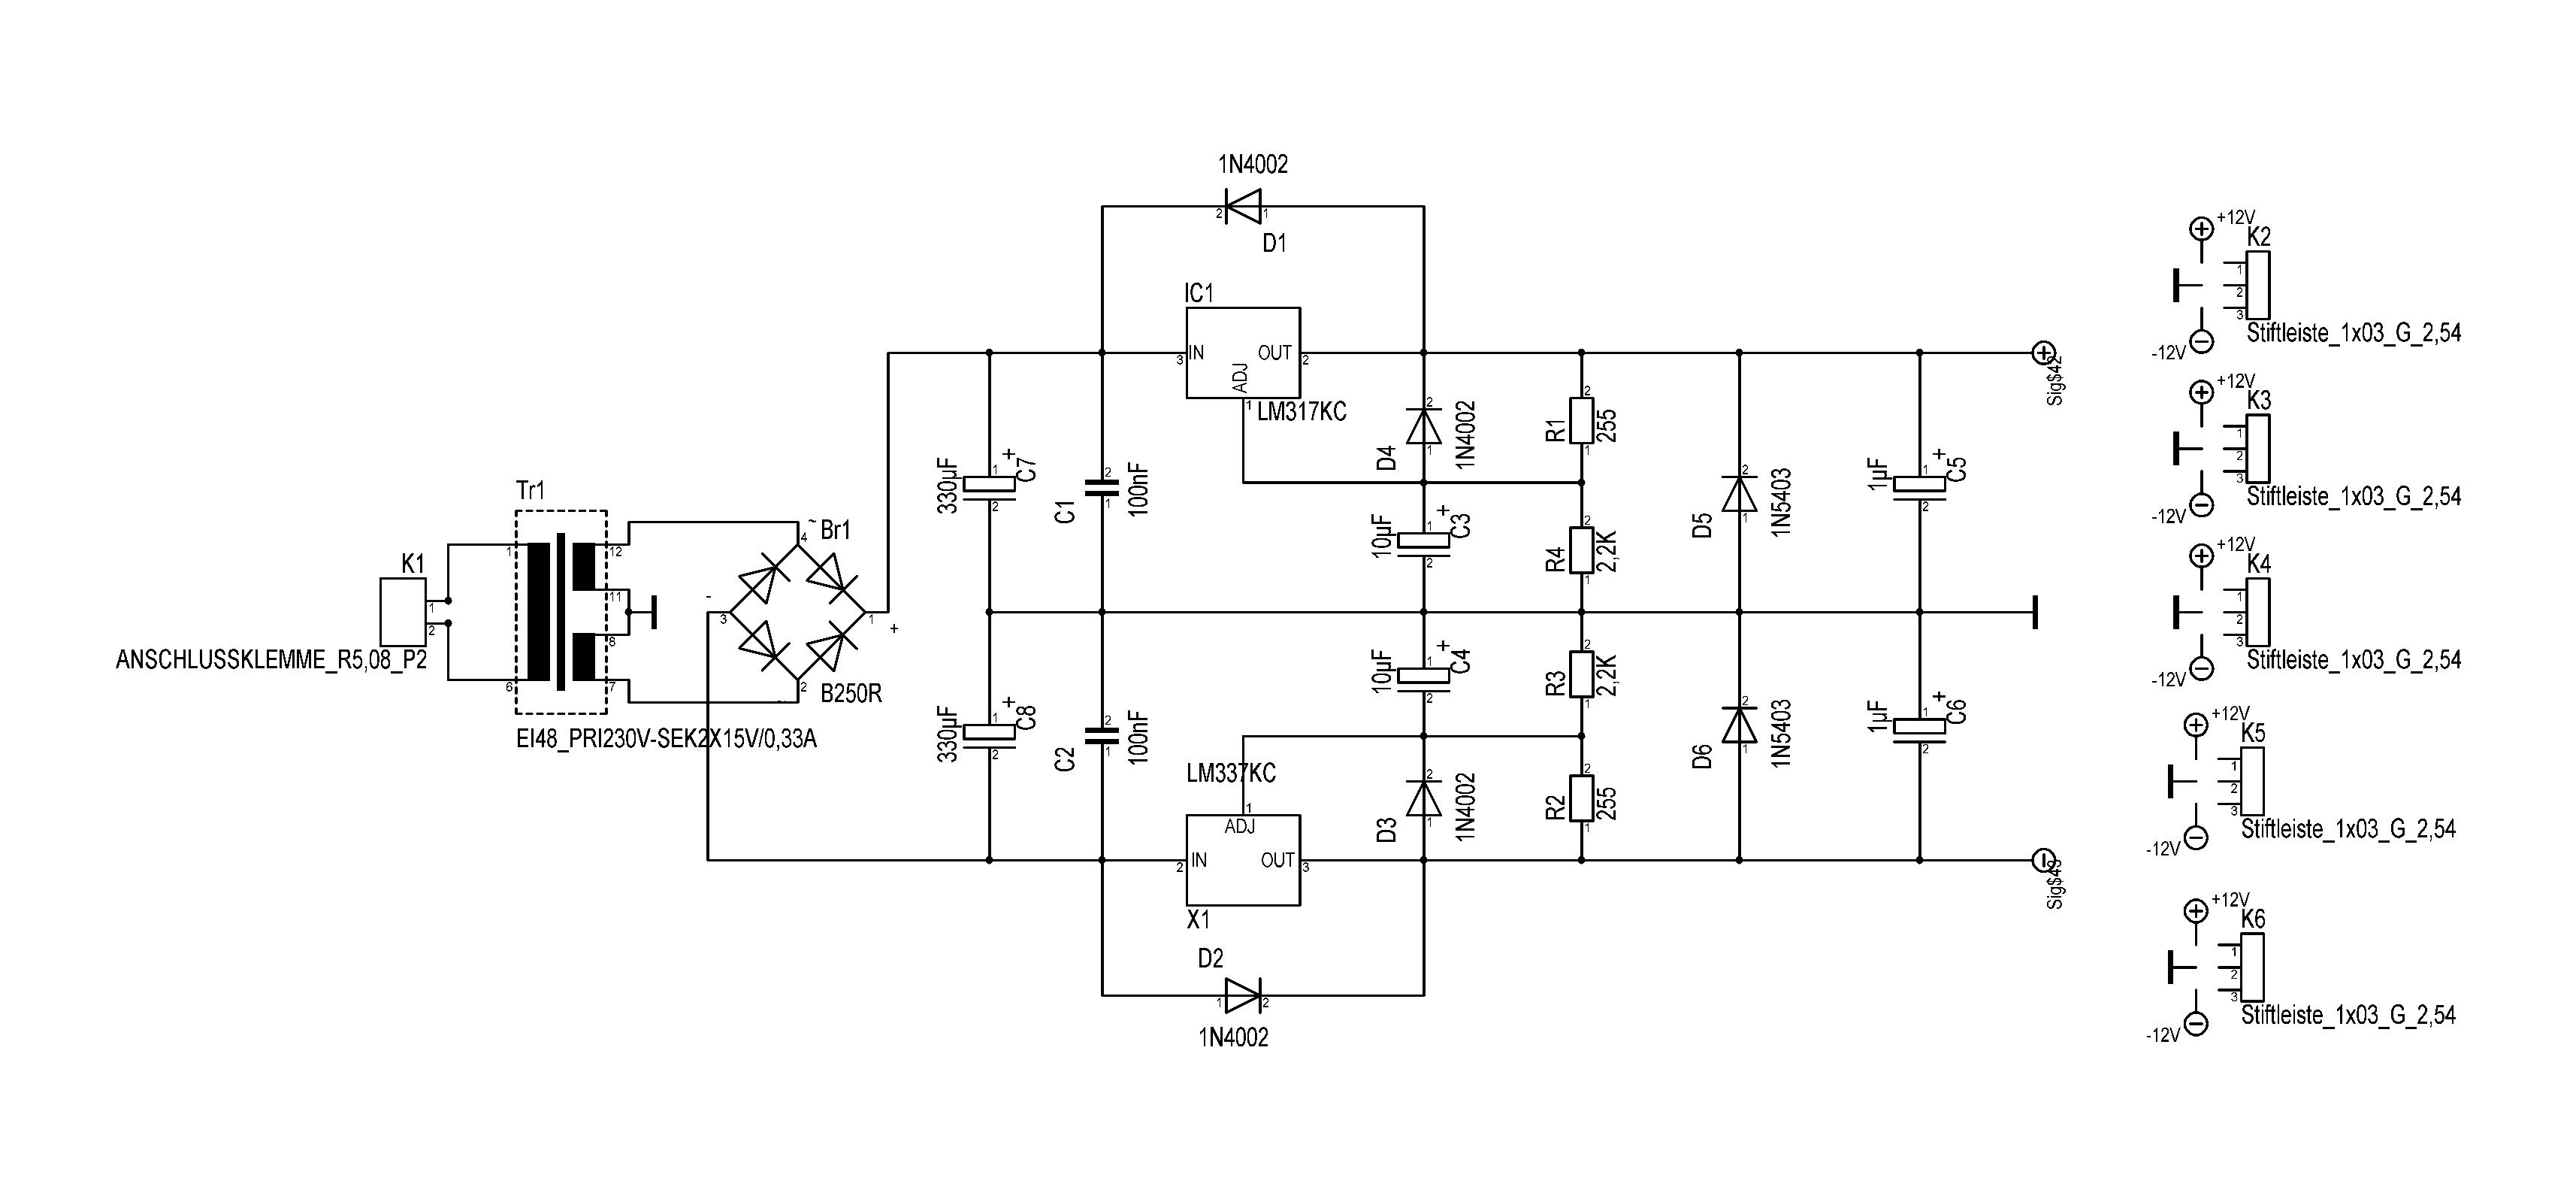 Symmetrisches Netzteildesign +-12V DC   Musiker-Board